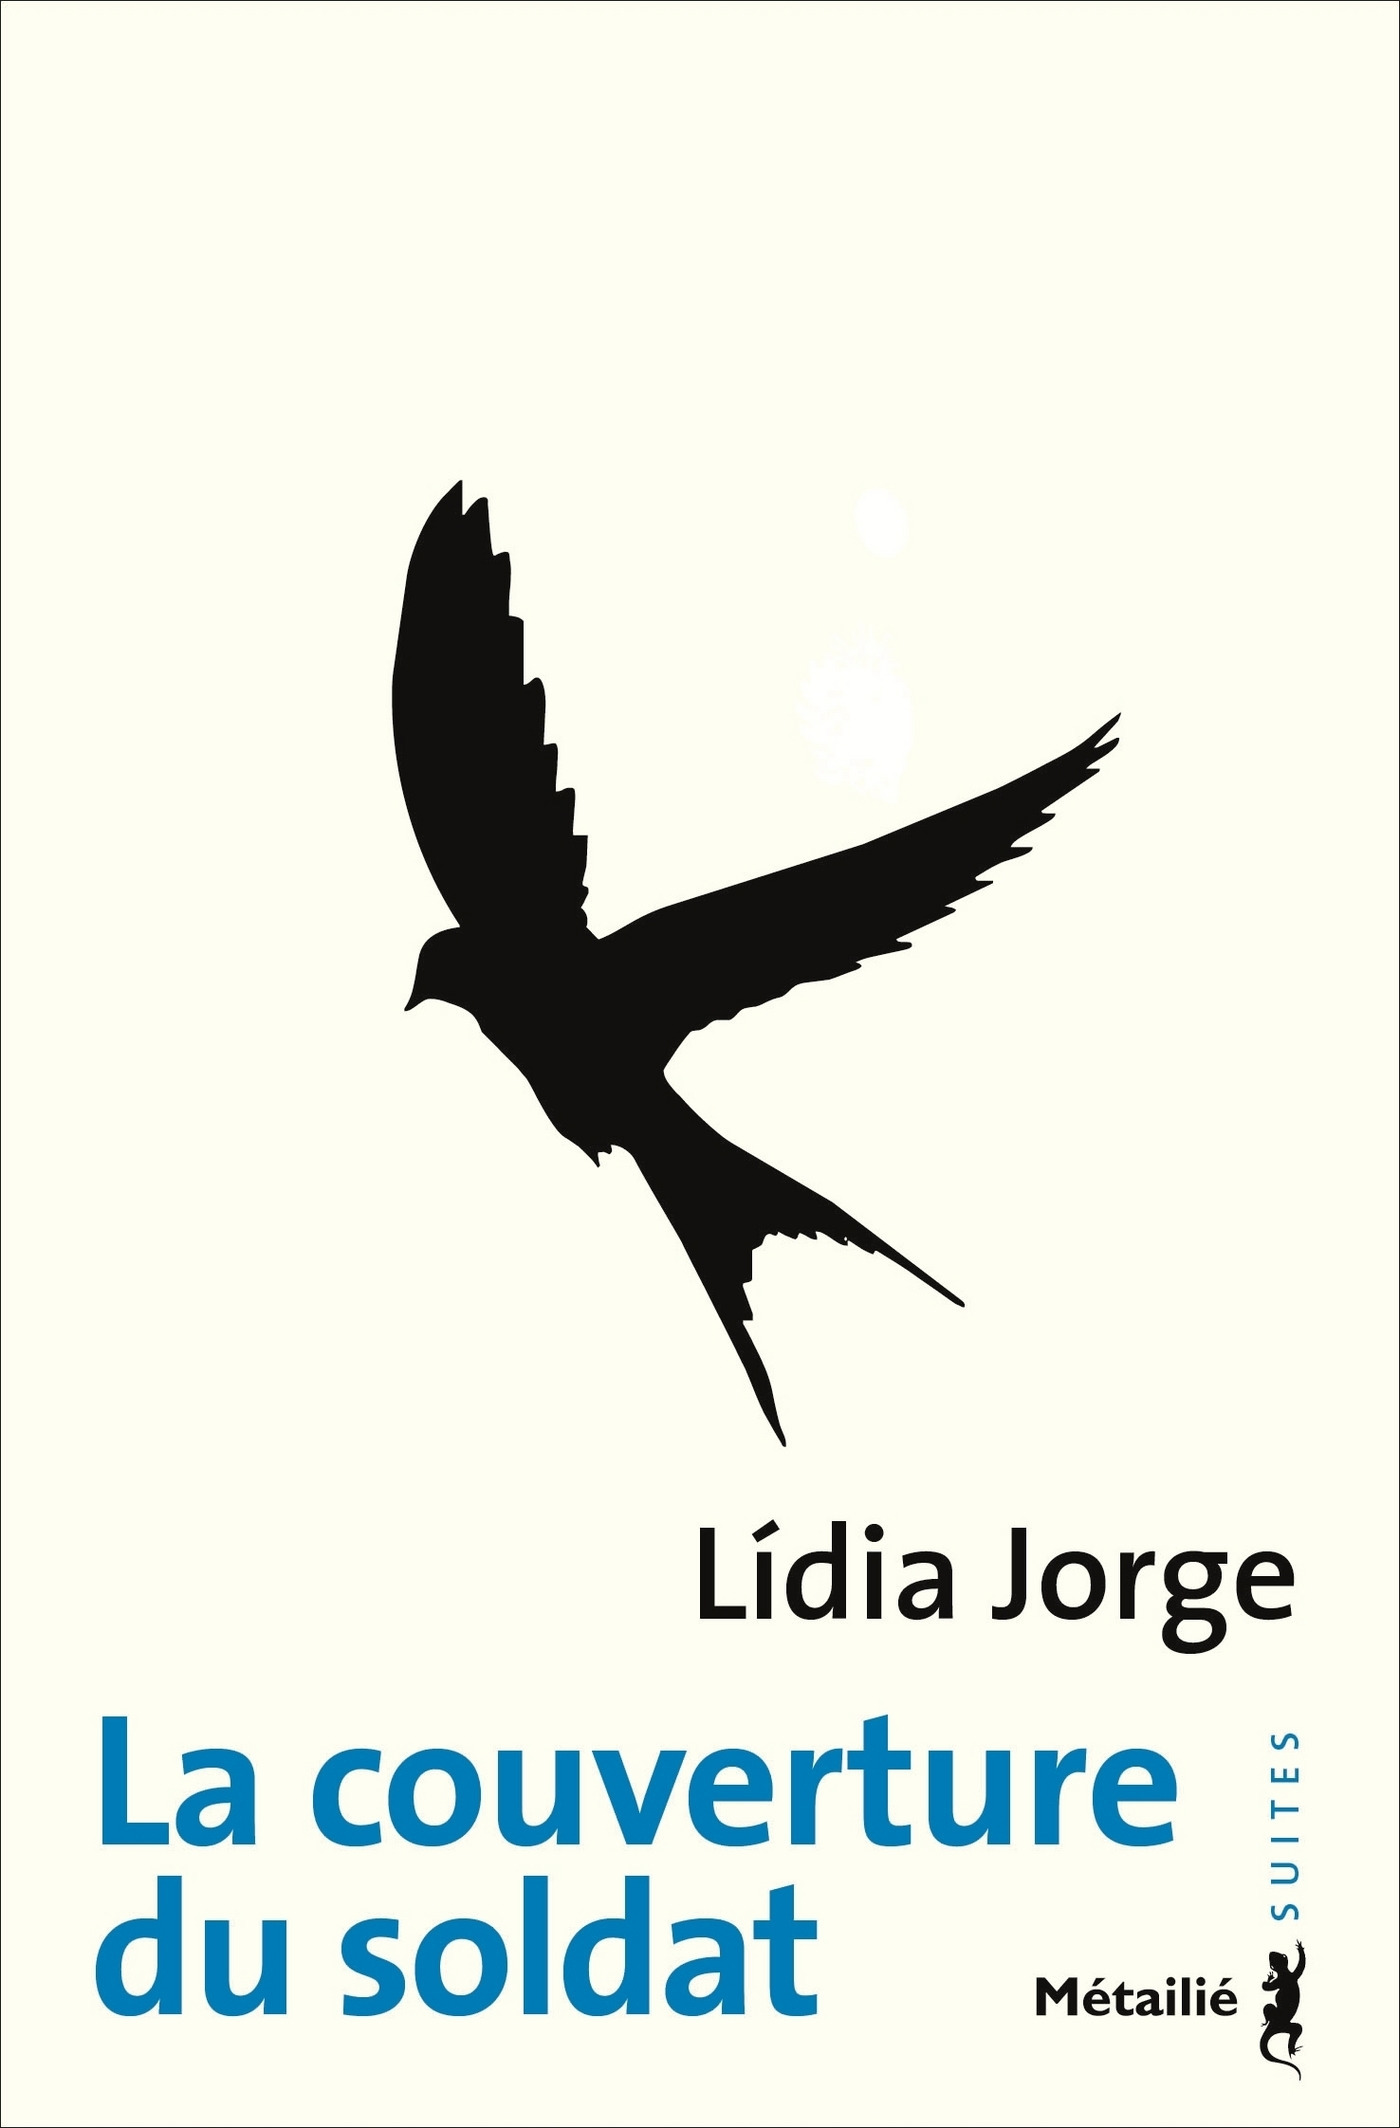 Lídia Jorge La Couverture du soldat